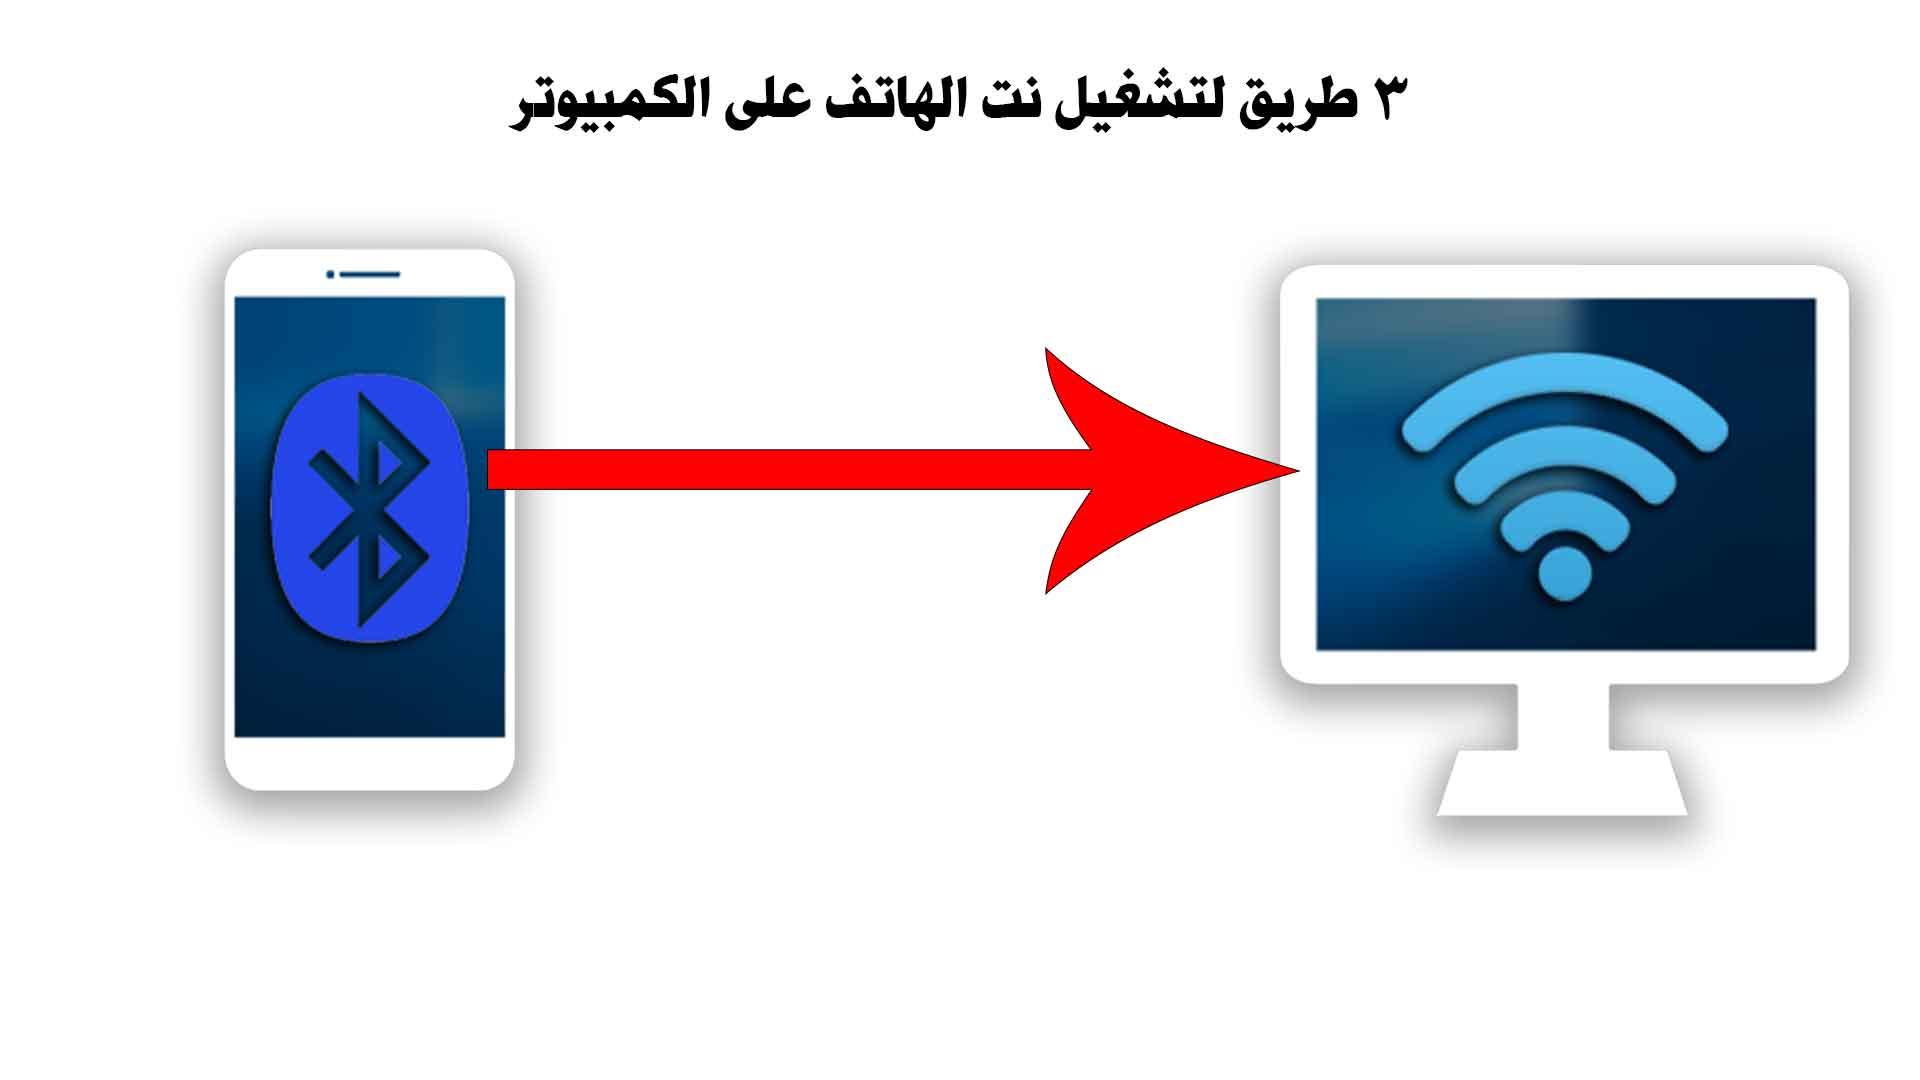 3 طرق لتشغيل نت الموبايل على الكمبيوتر في الاندرويد بدون برامج